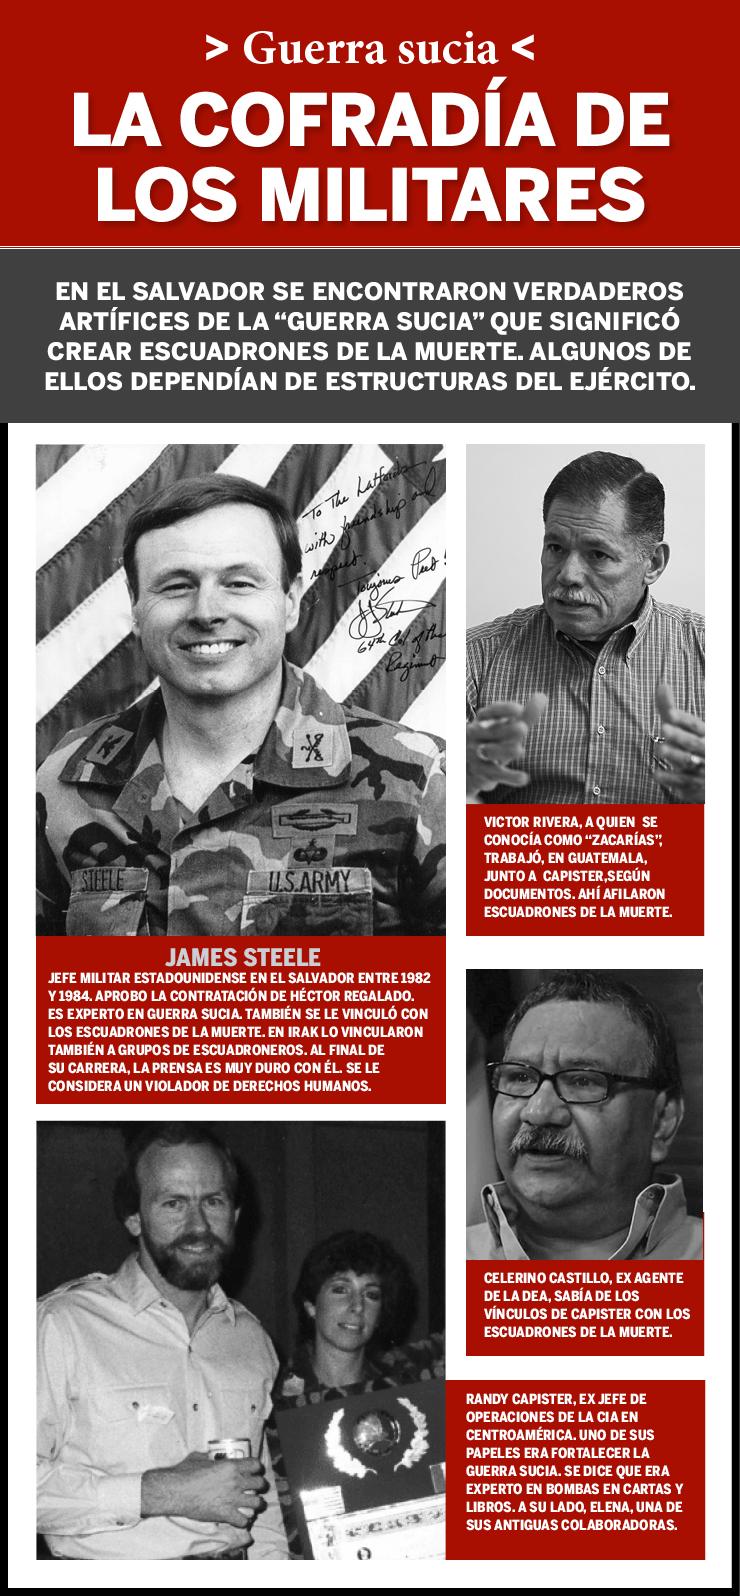 la cofardia de los militares